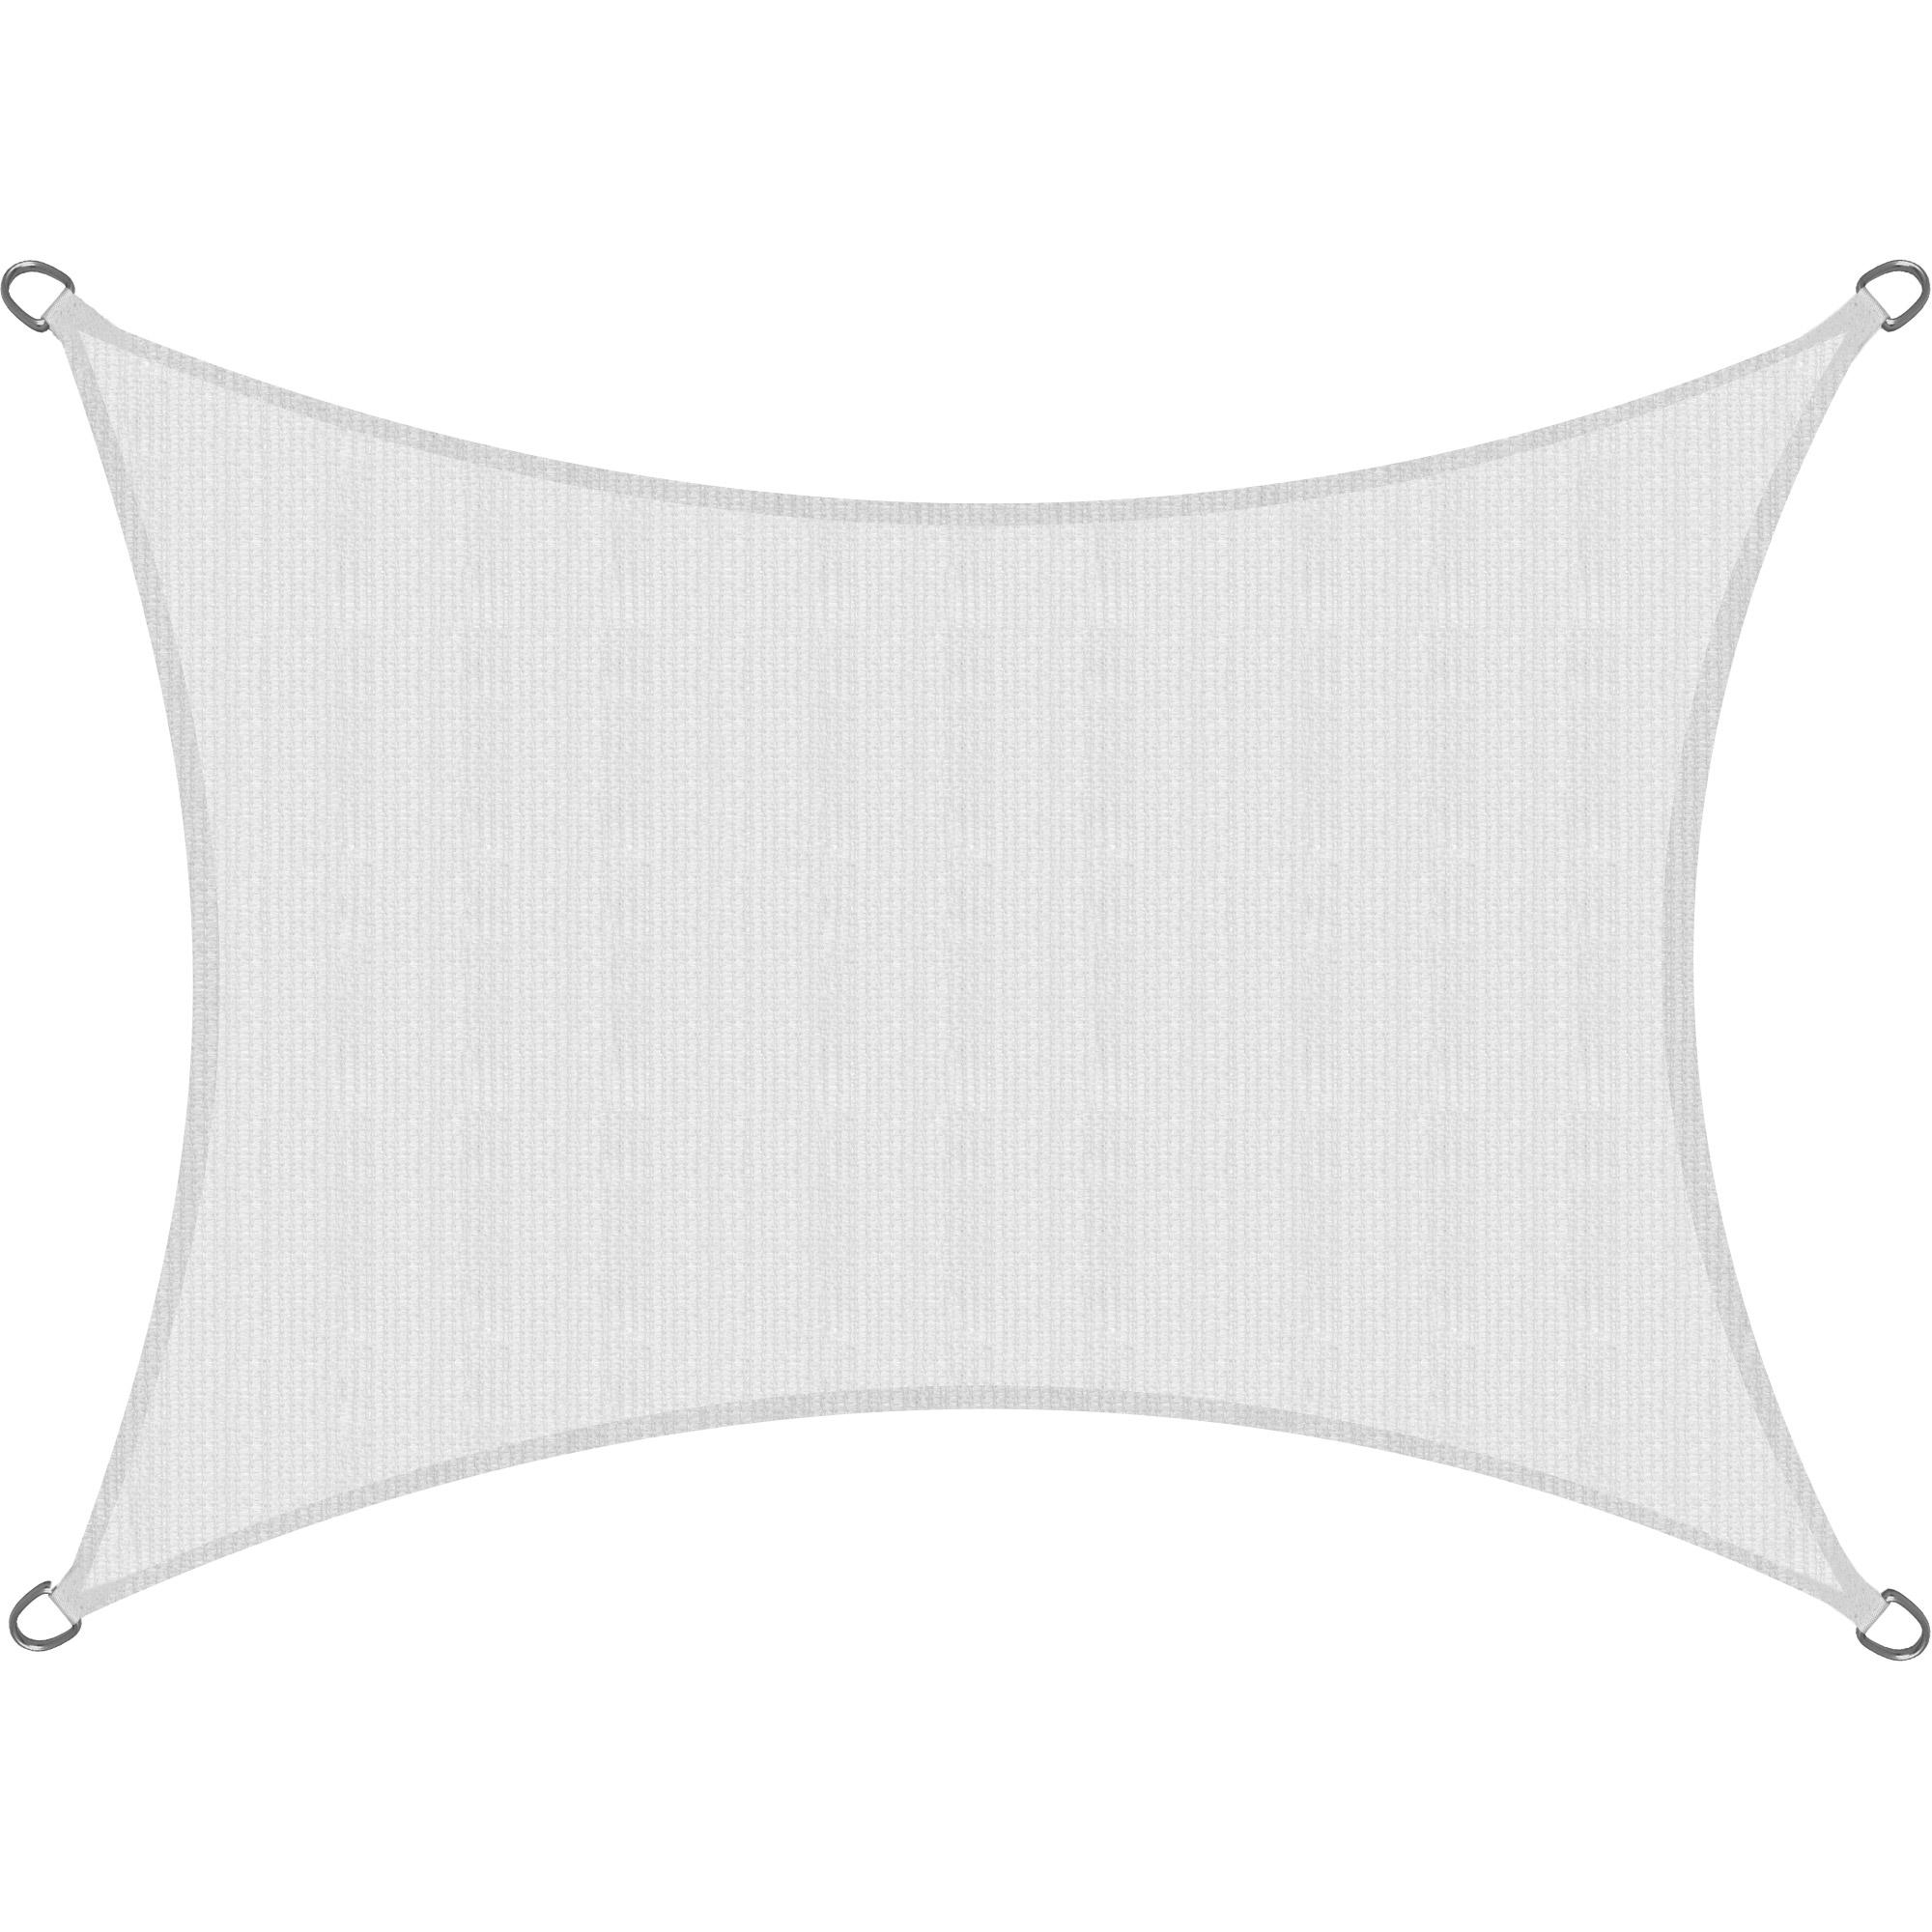 sonnensegel rechteck sonnenschutz viereck uv schutz rechteckig sonnendach hdpe. Black Bedroom Furniture Sets. Home Design Ideas